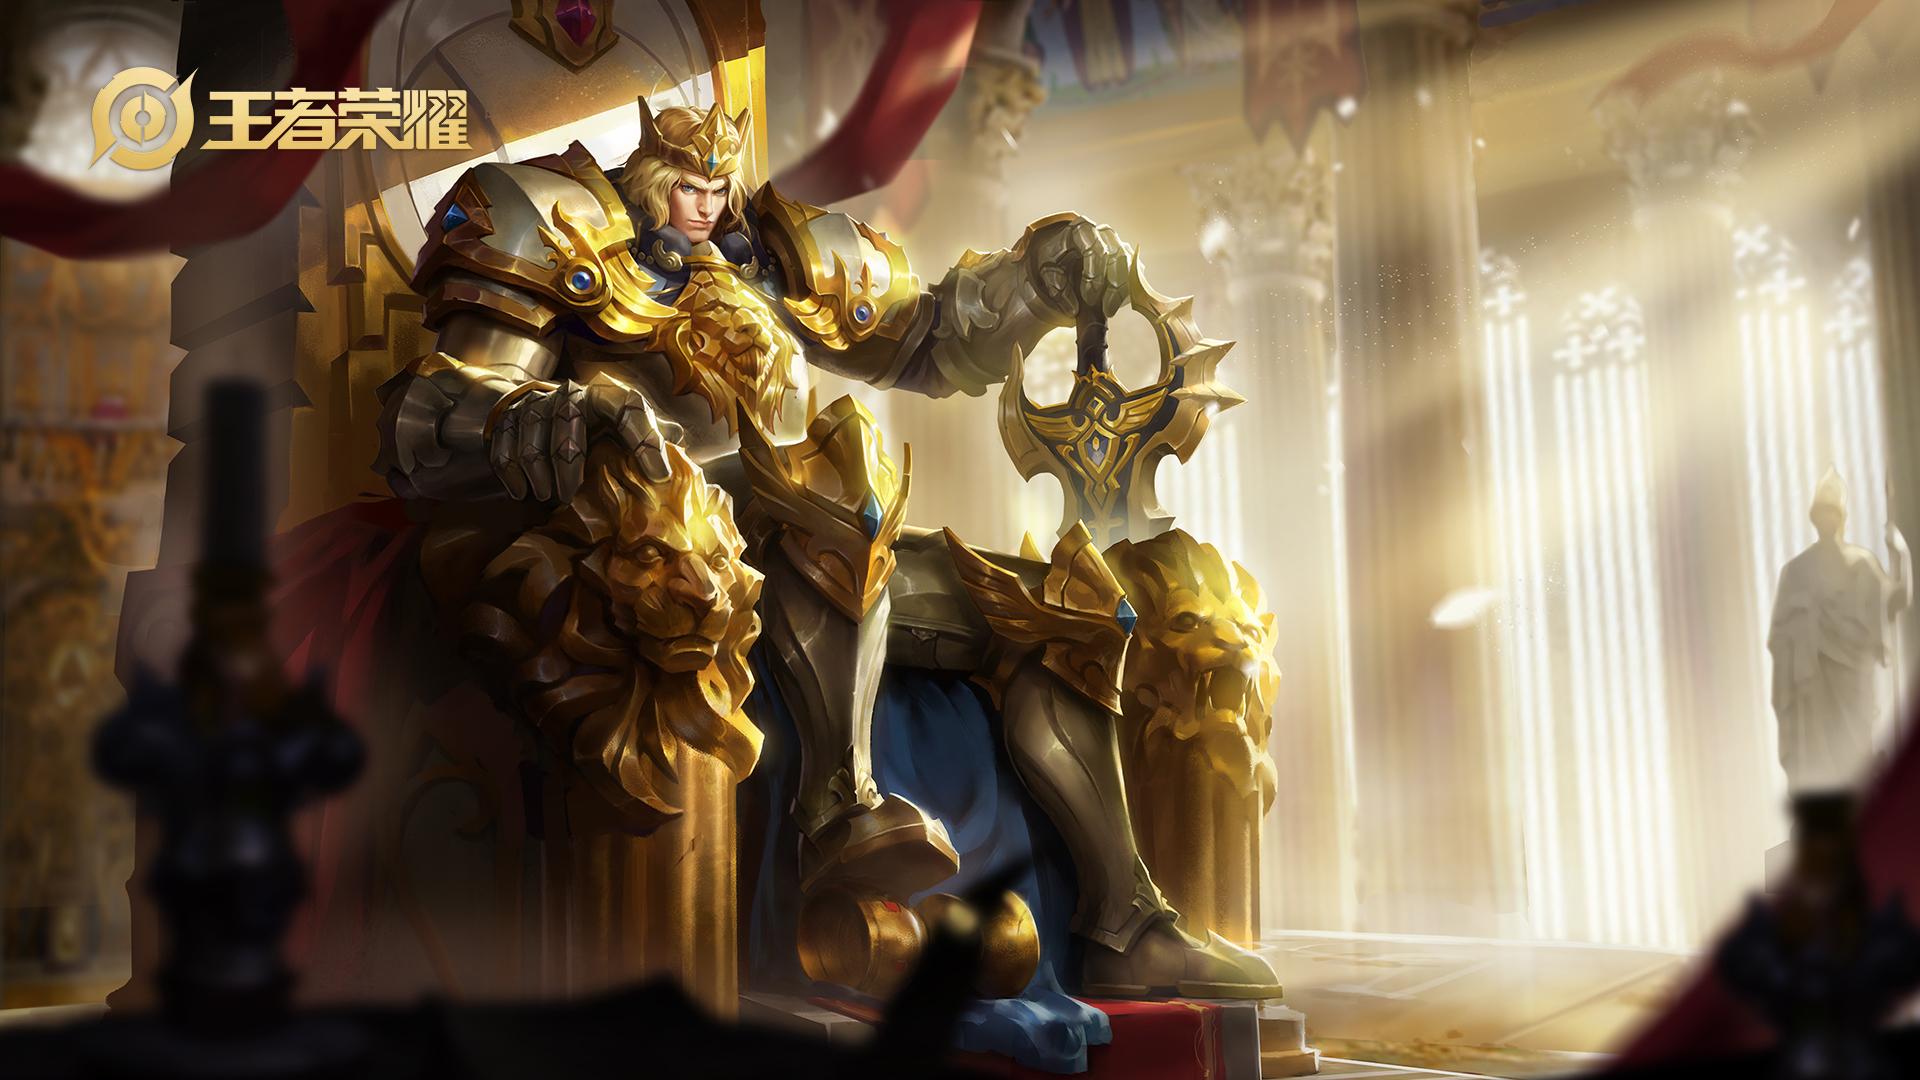 王者荣耀稀有皮肤,梅西神奇女侠真绝版,赛季皮肤还有可能返场